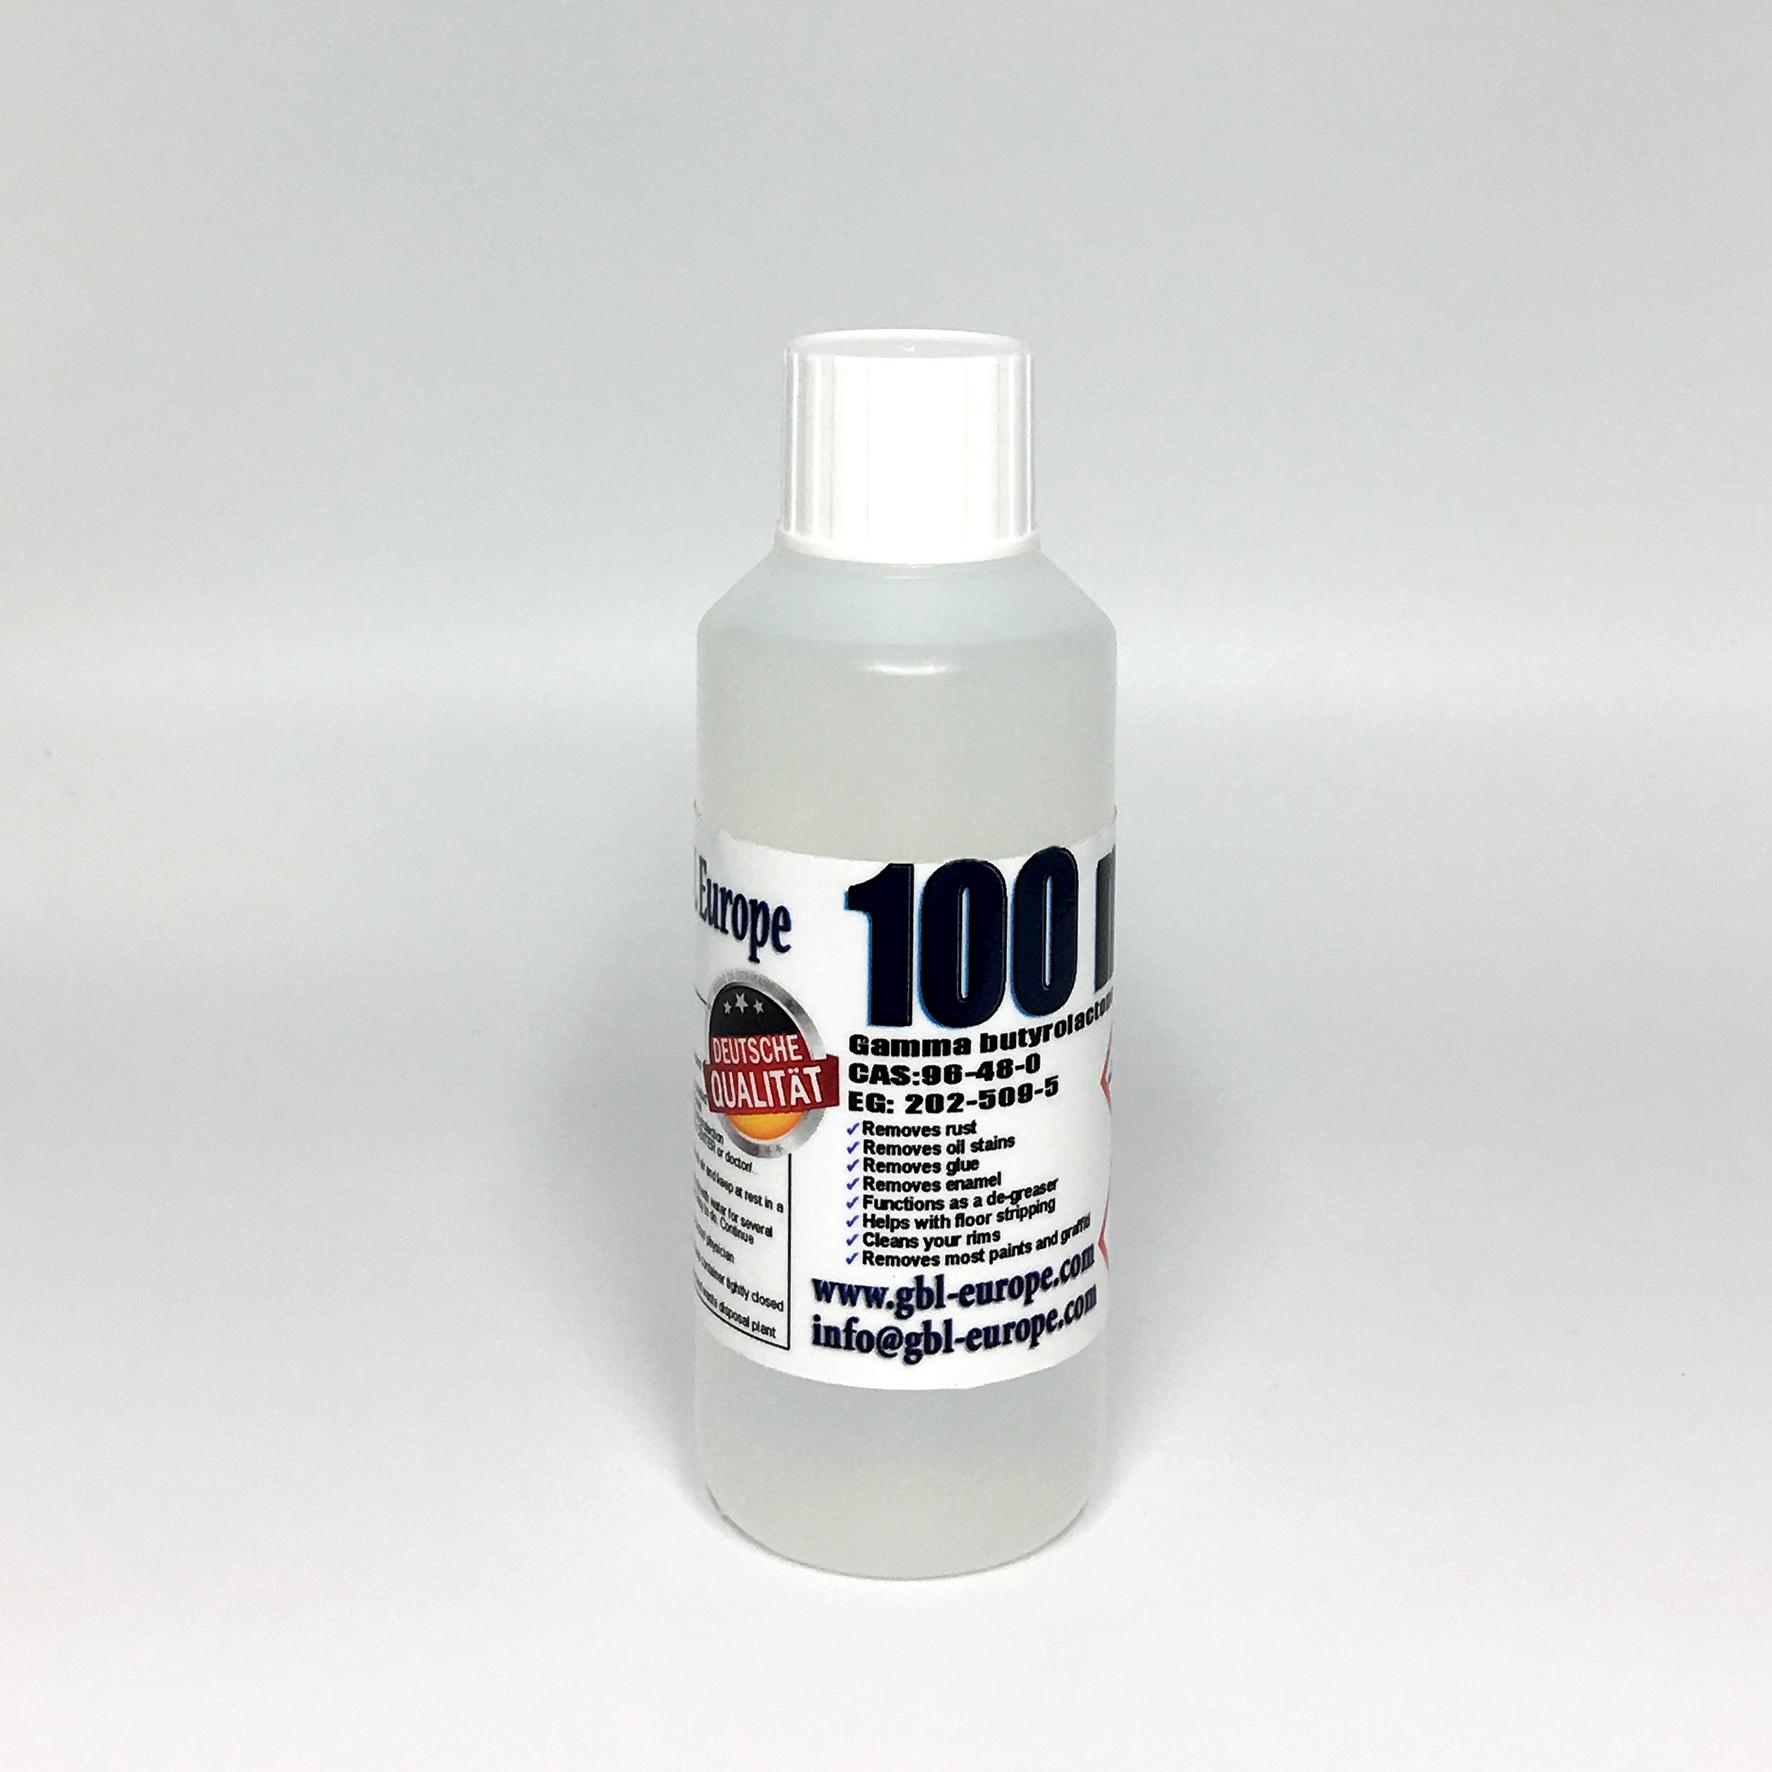 Industrial Cleaner 100 ml Pharma Grade German Quality 00017 HS Code 29322020